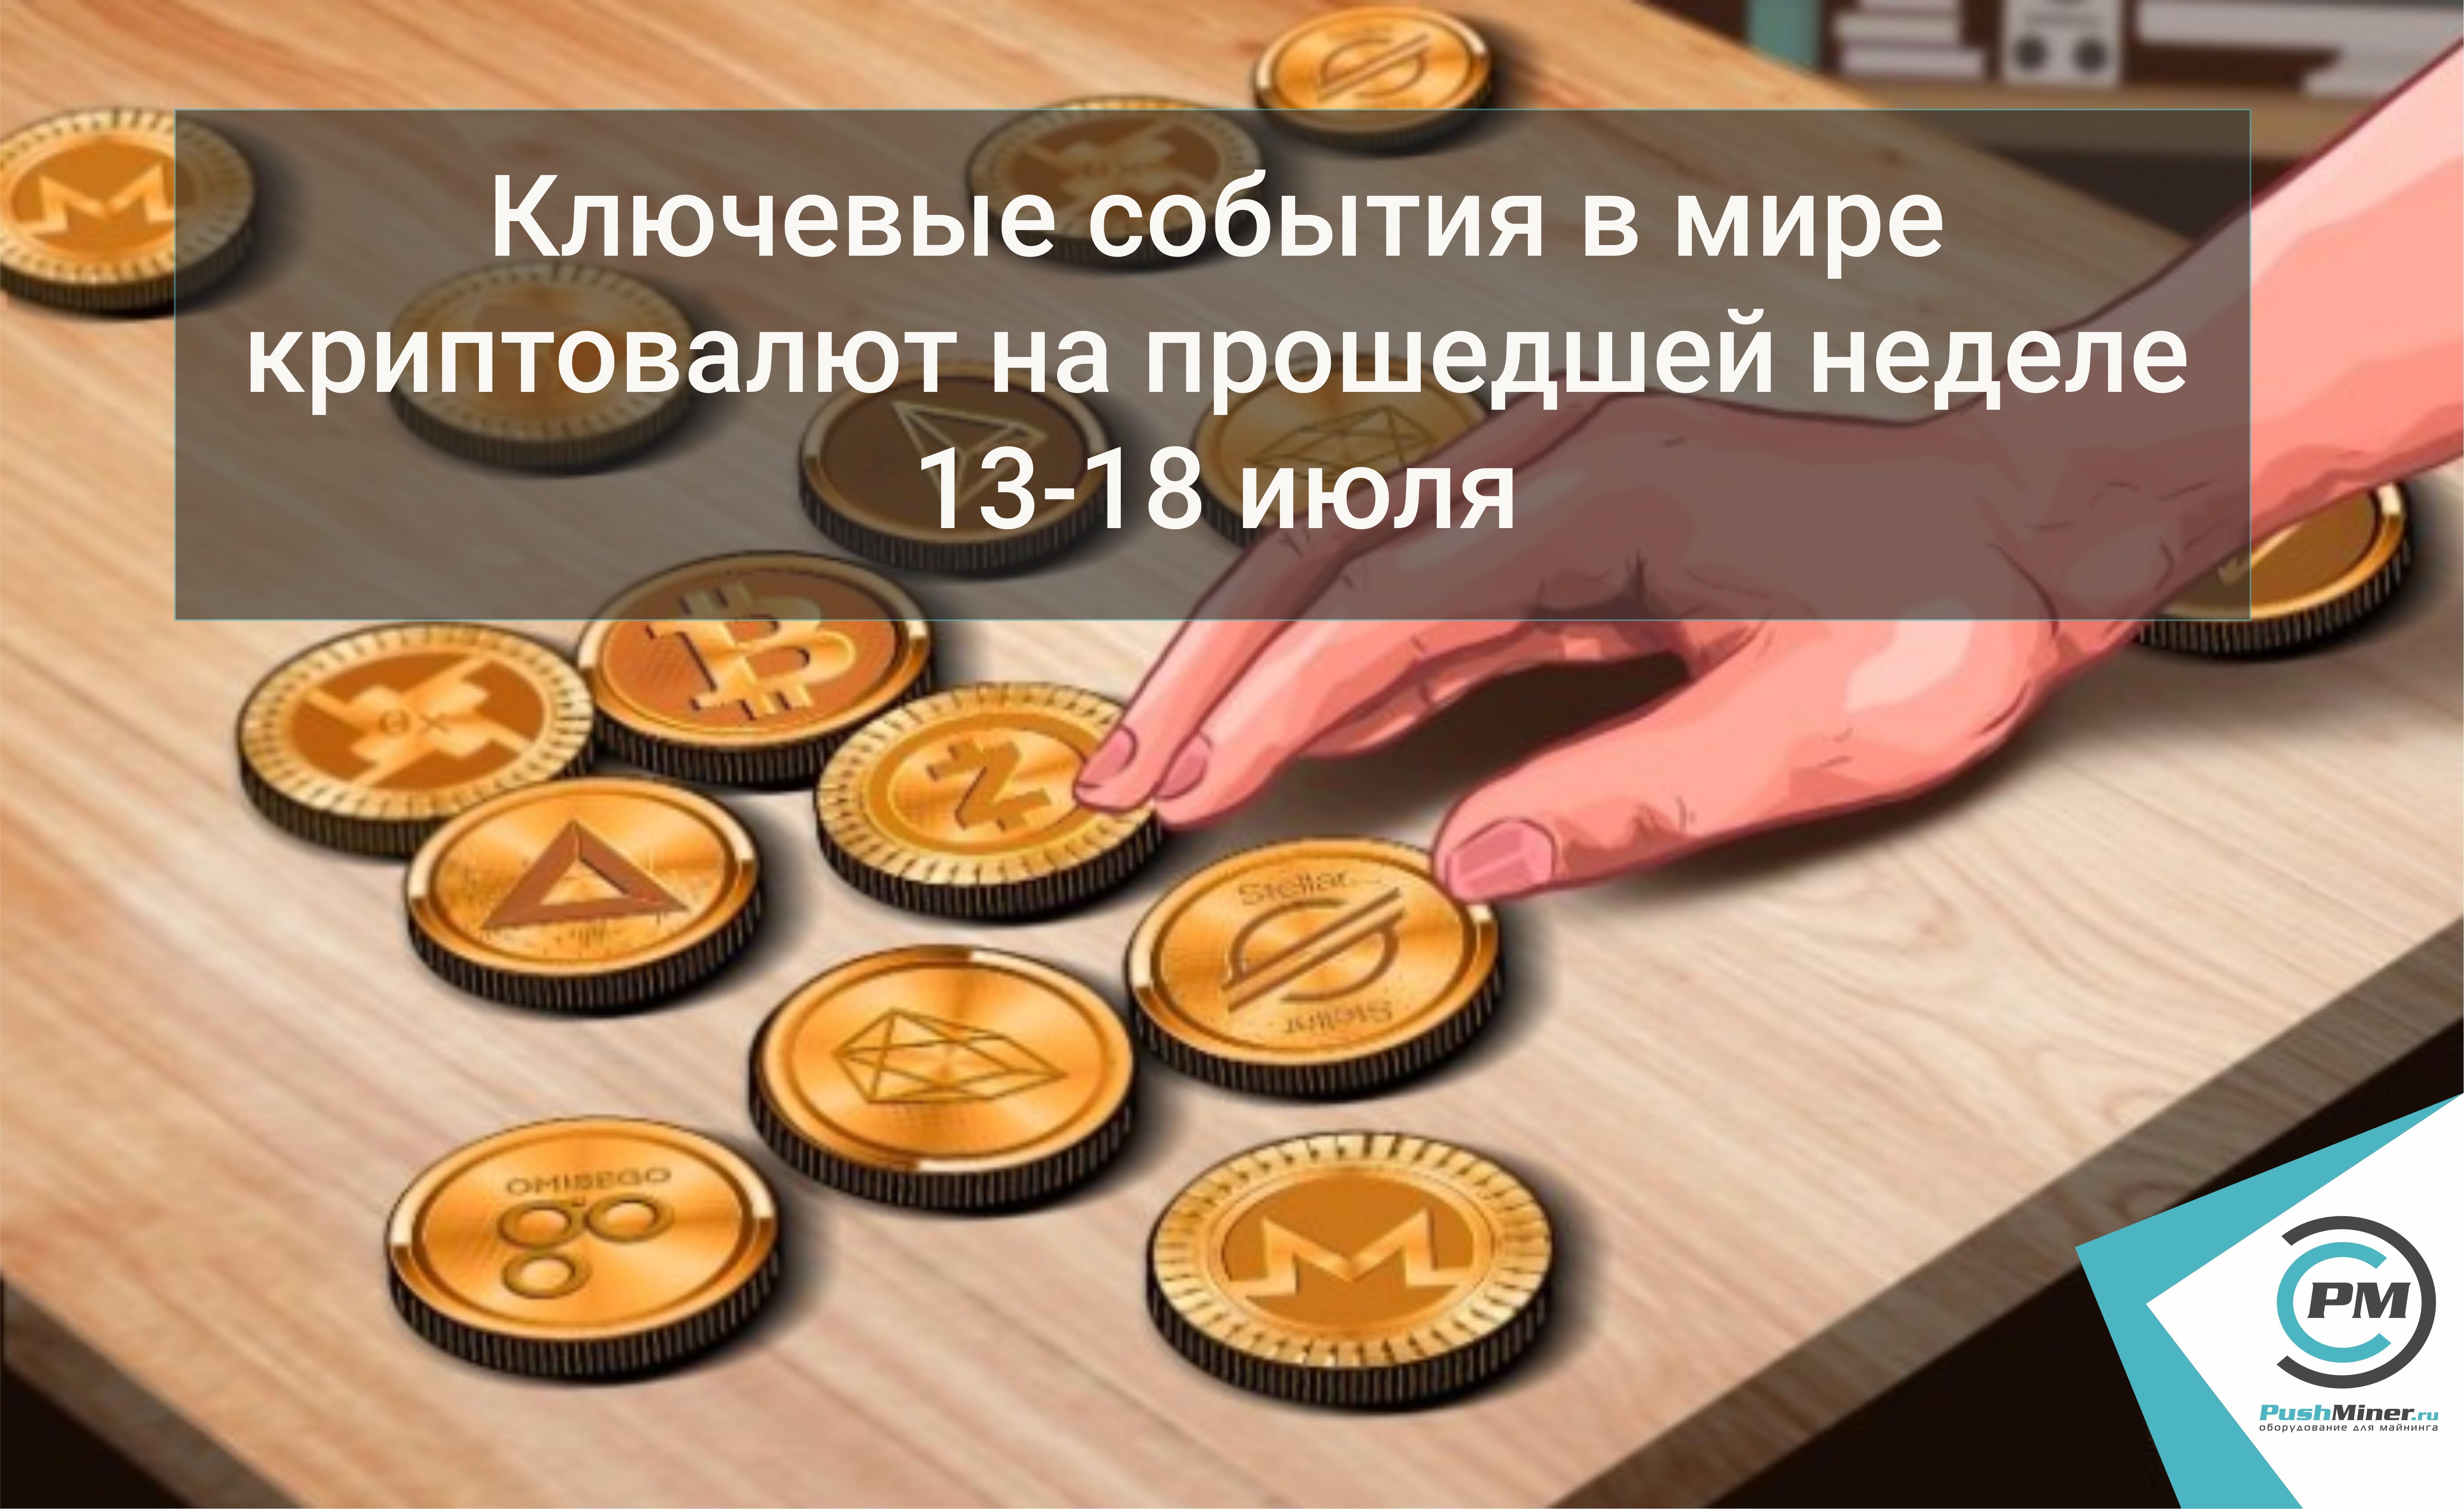 Ключевые события в мире криптовалют на прошедшей неделе 13-18 июля